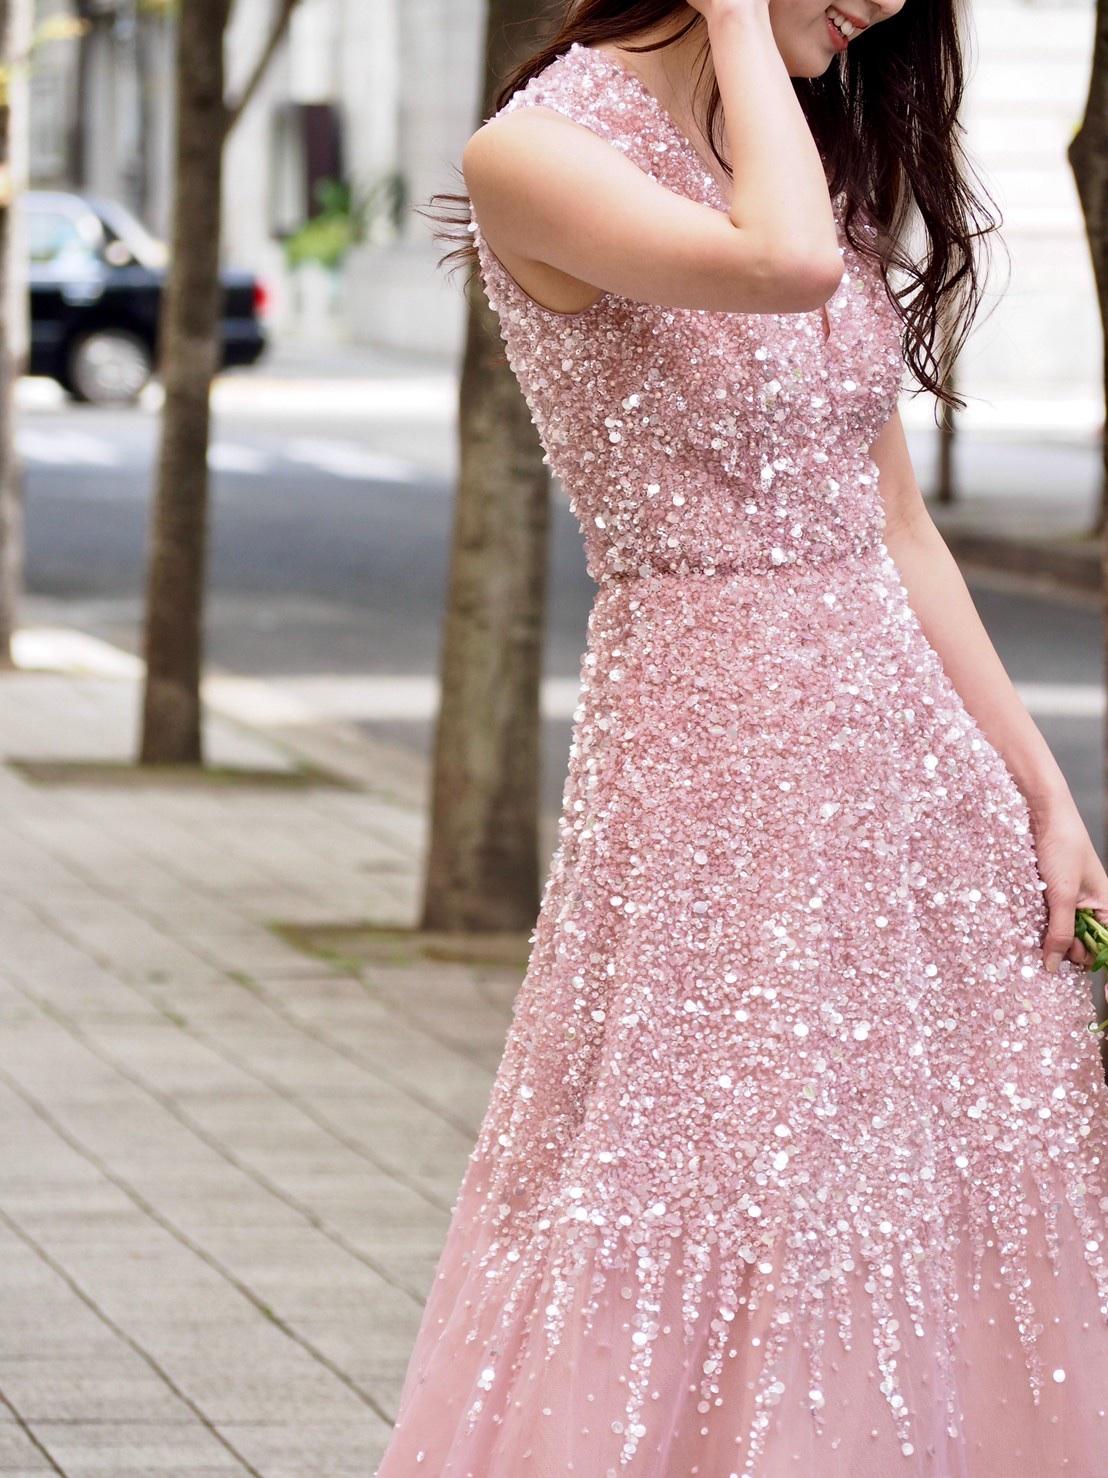 ザトリートドレッシング神戸店にてお取り扱いのあるビジューがゴージャスなリームアクラのカラードレスのご紹介